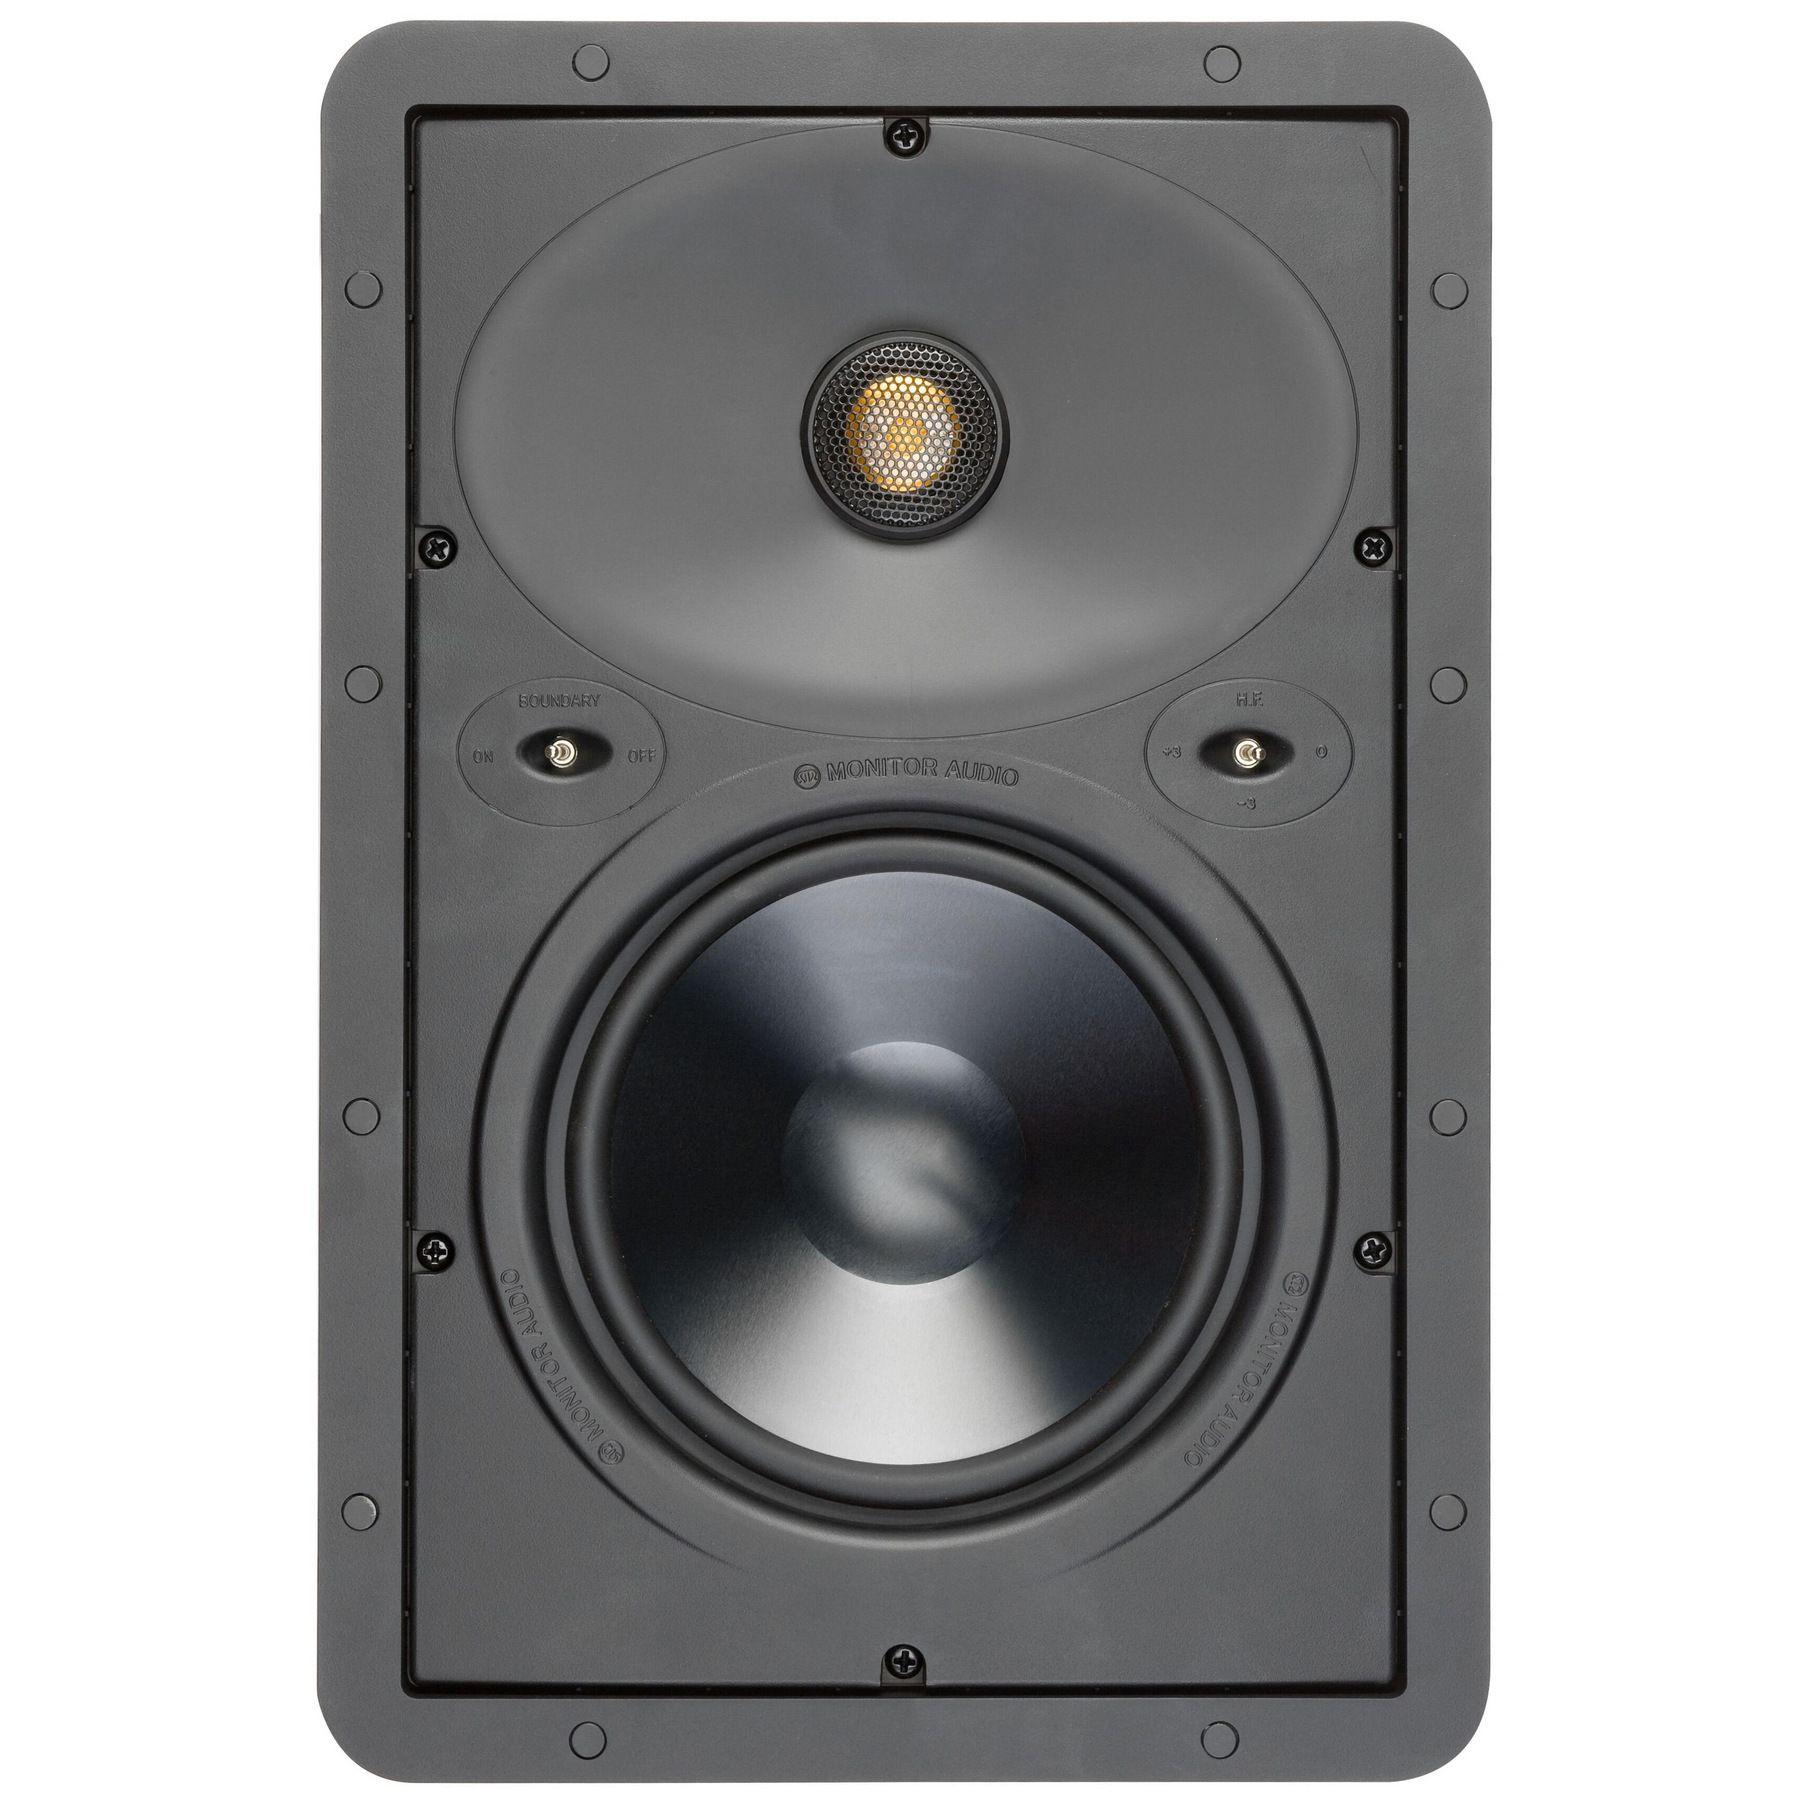 Monitor Audio W265 - Einbaulautsprecher (Stückpreis, 2-Wege, 16,5cm Treiber, 55Hz bis 30kHz, 89dB, 6Ω)